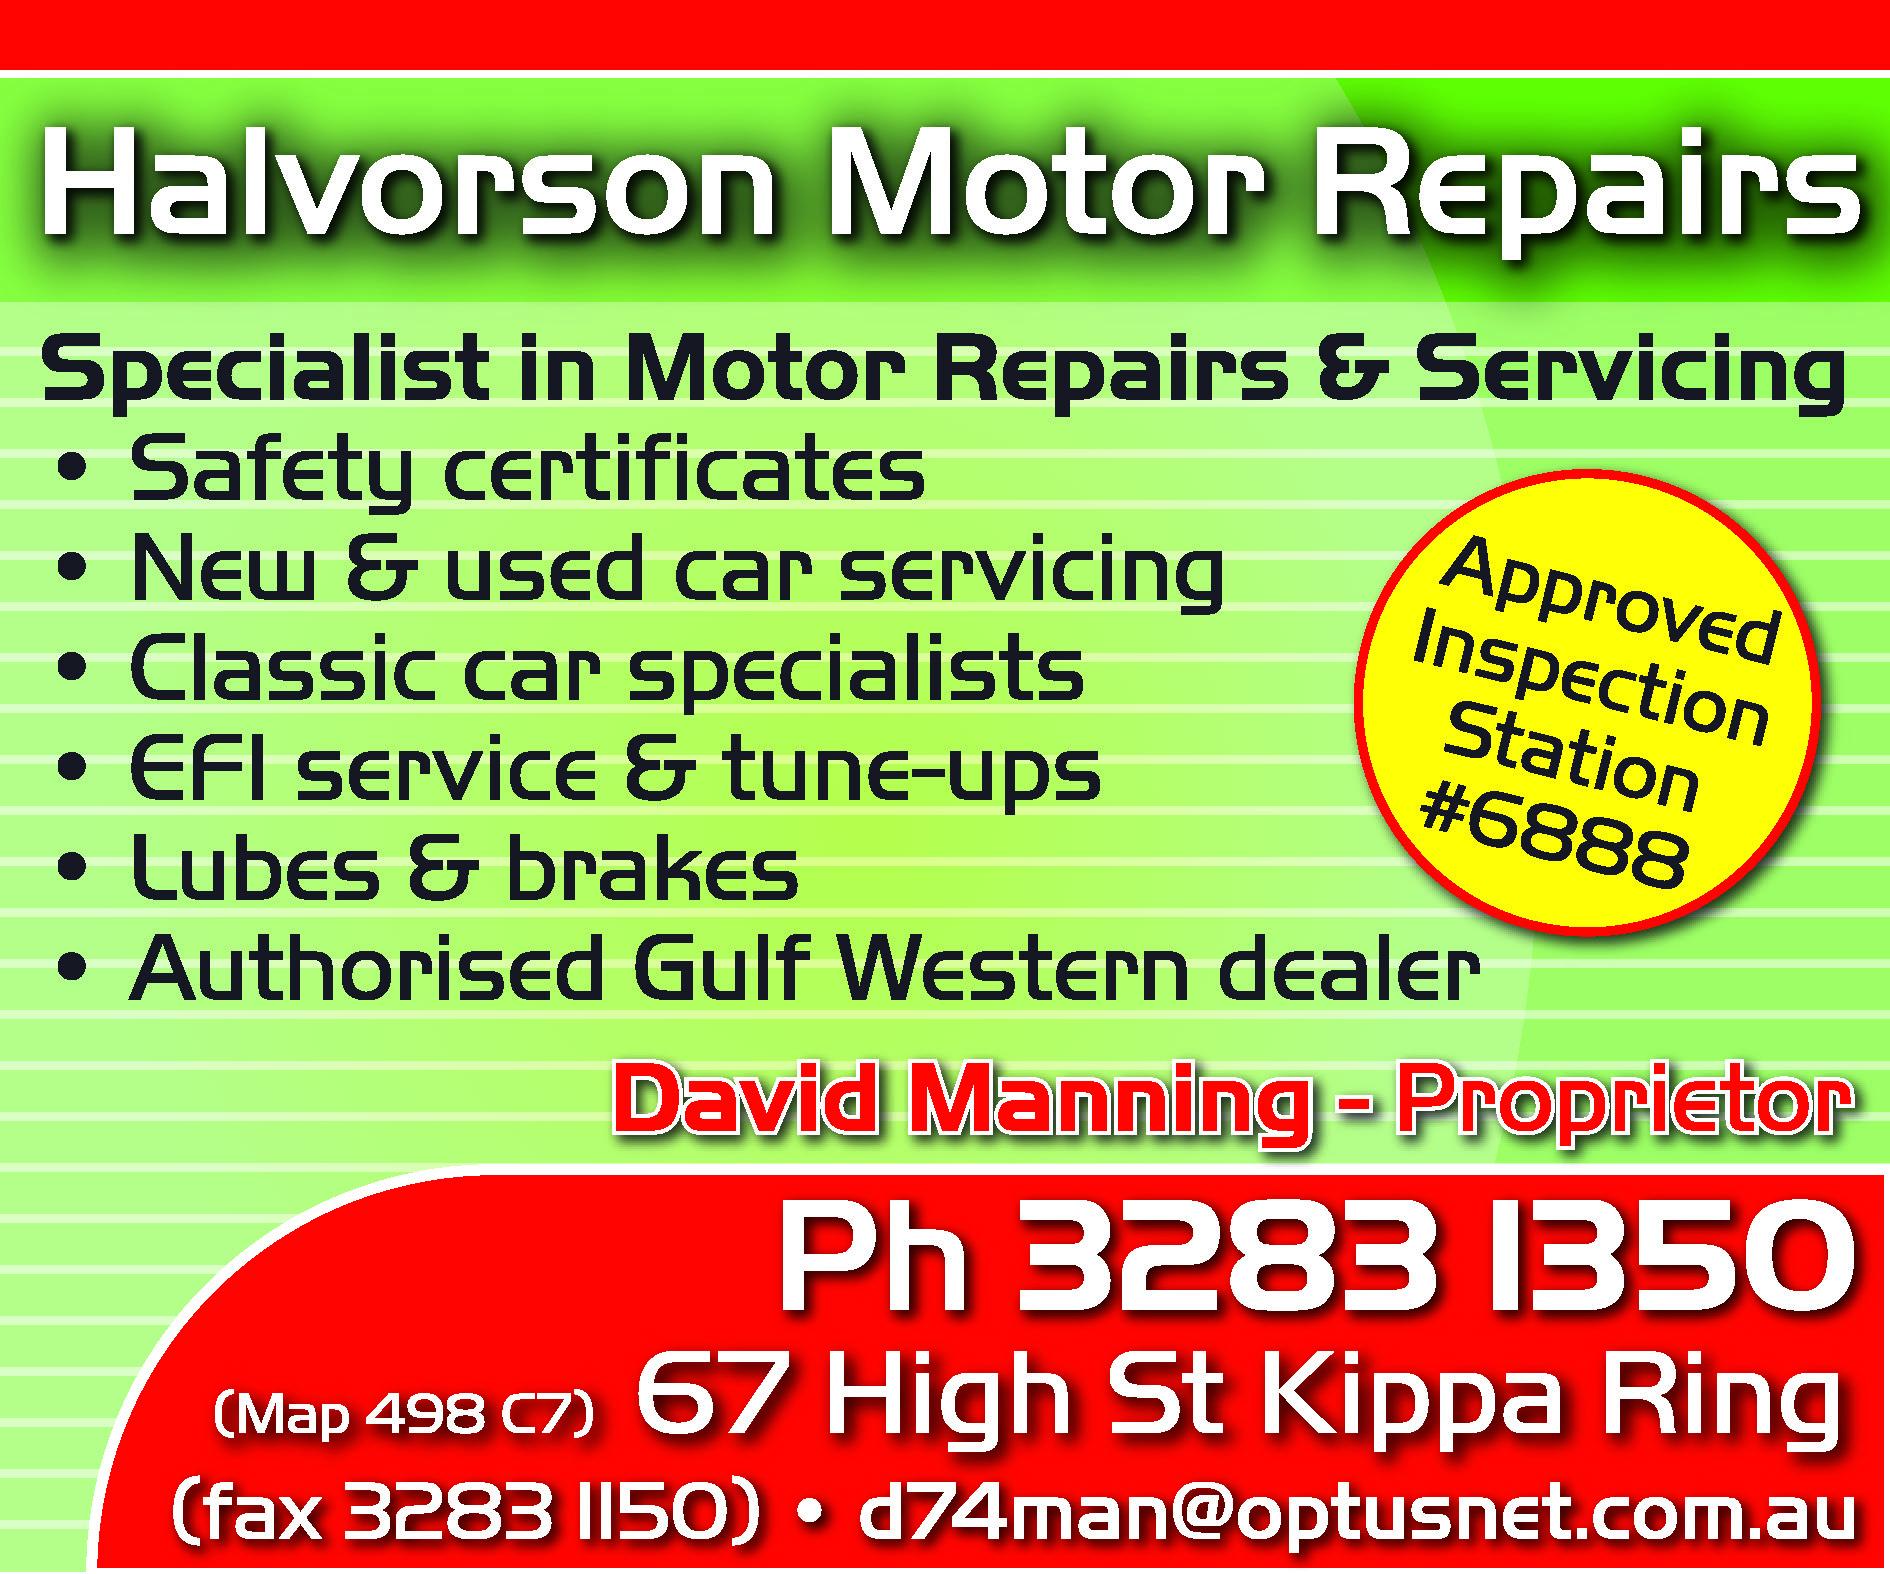 Halvorson Motor Repairs - Car Repair